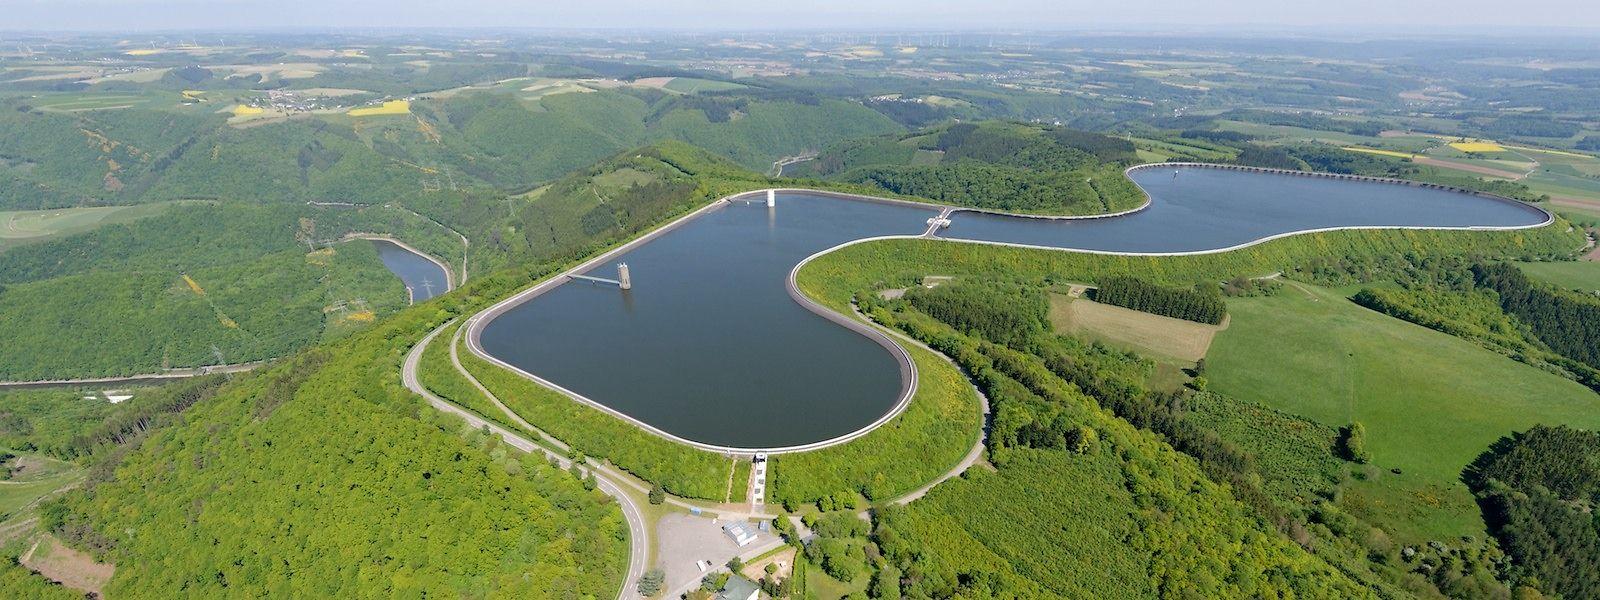 Öko-Energie aus dem Norden Luxemburgs: Das Pumpspeicherwerk Vianden zählt zu den größten seiner Art in Europa.